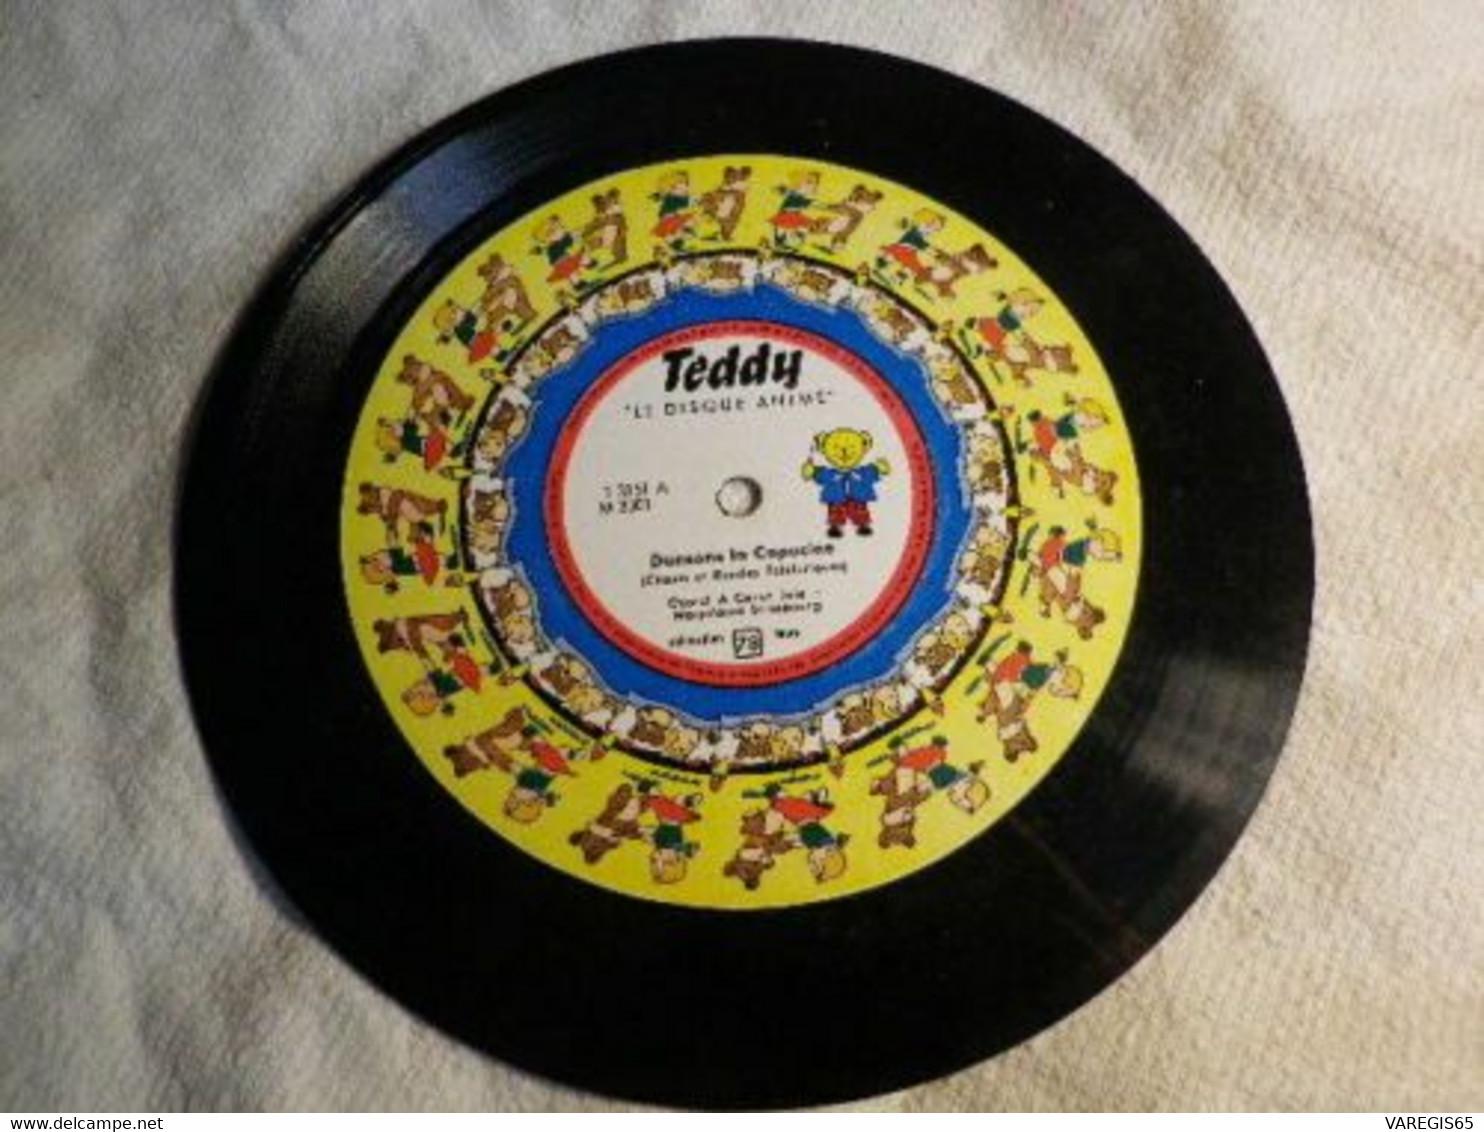 DISQUE ANIME - TEDDY - MICROSILLON 78 TRS - T 3151 A Et B / M 3001 - - 78 G - Dischi Per Fonografi